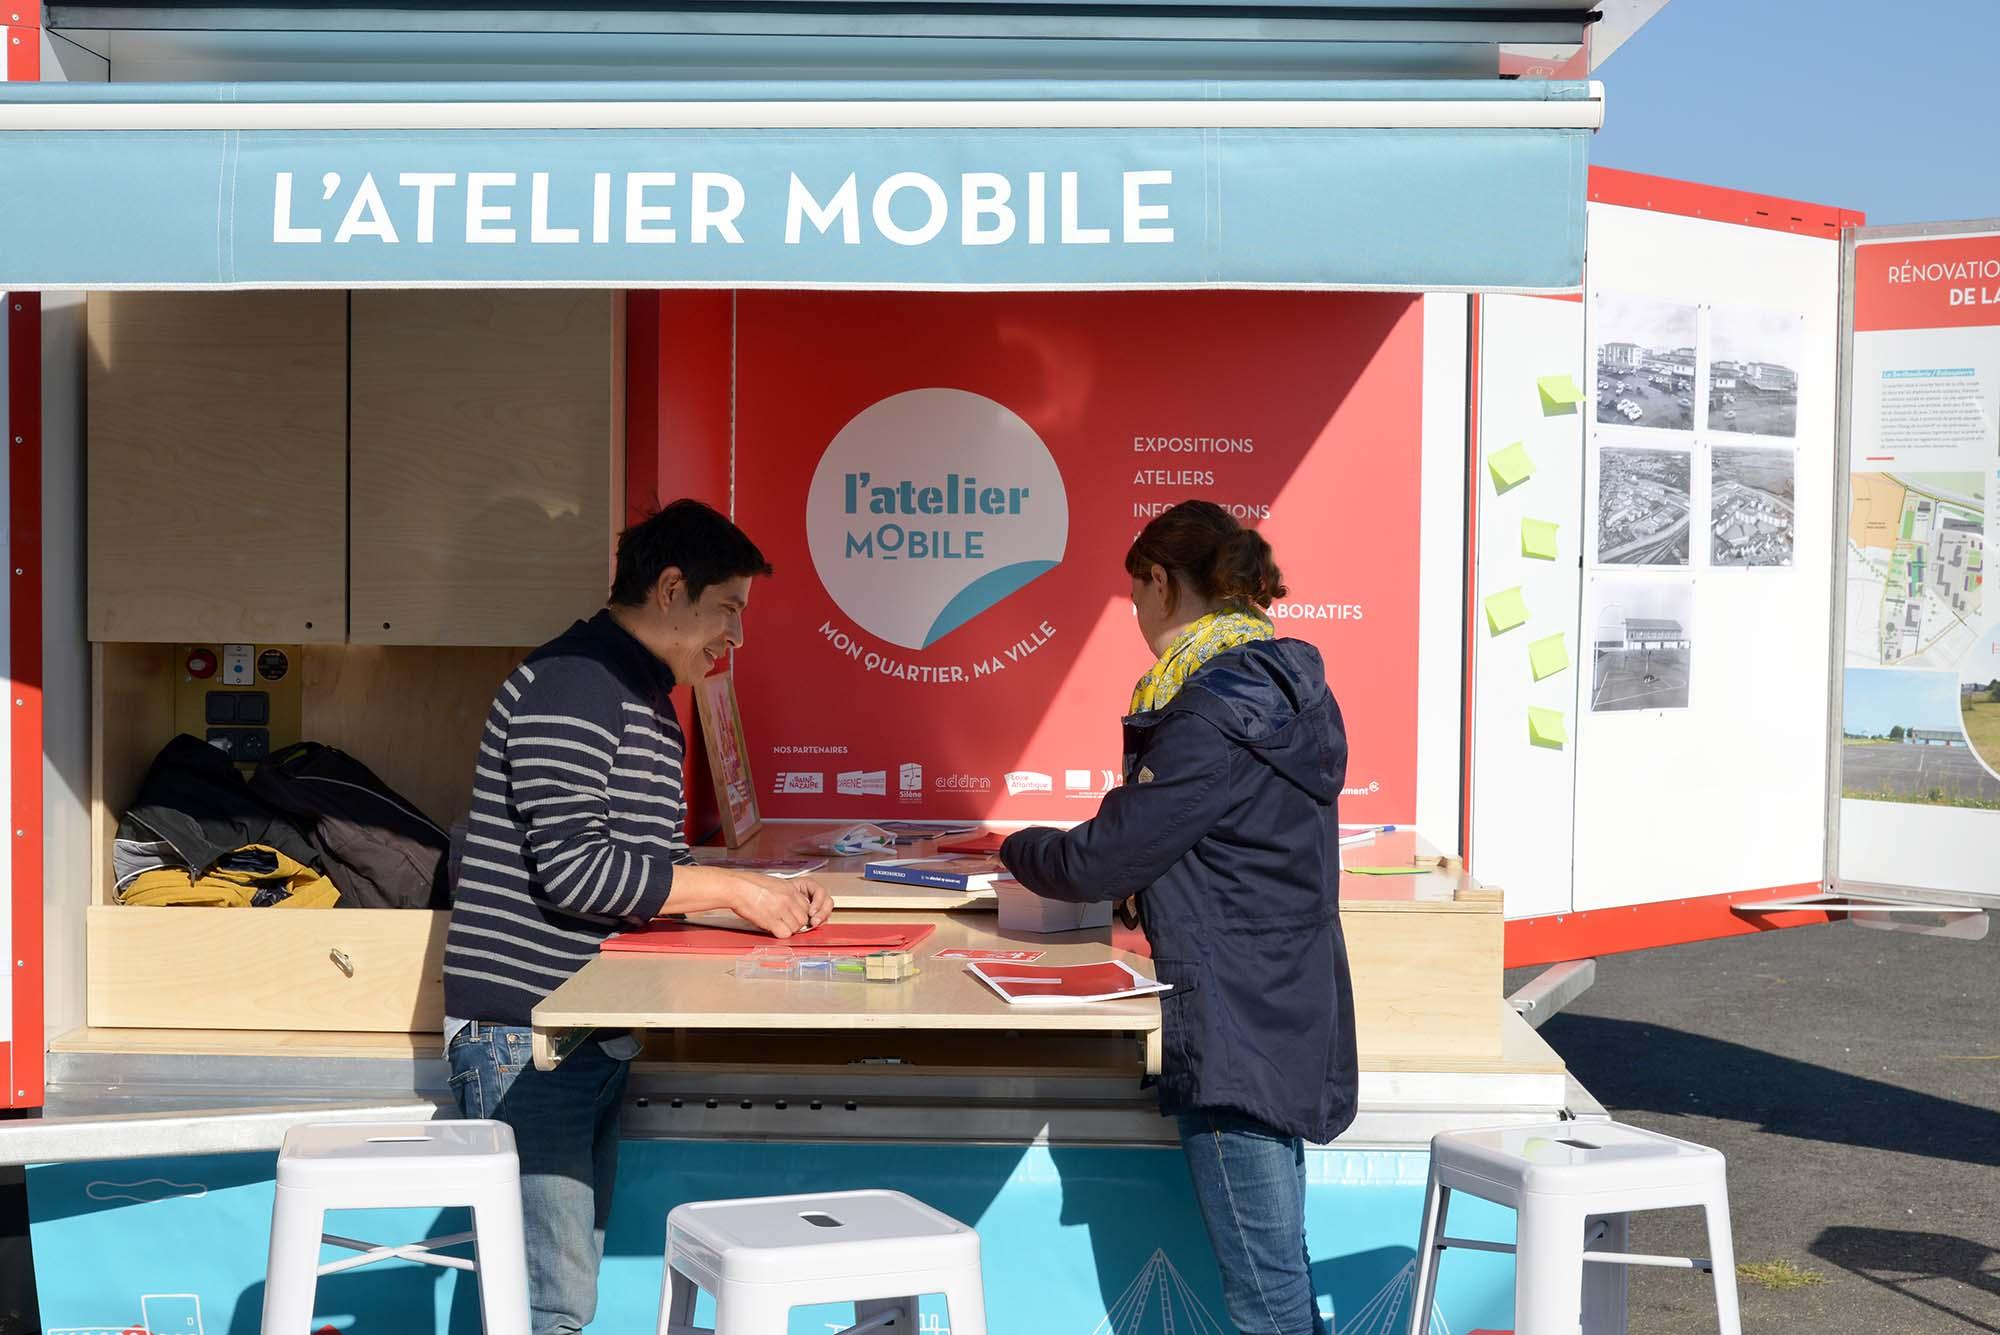 L'Atelier mobile de Saint-Nazaire. Crédit : Martin Launay Ville de Saint-Nazaire